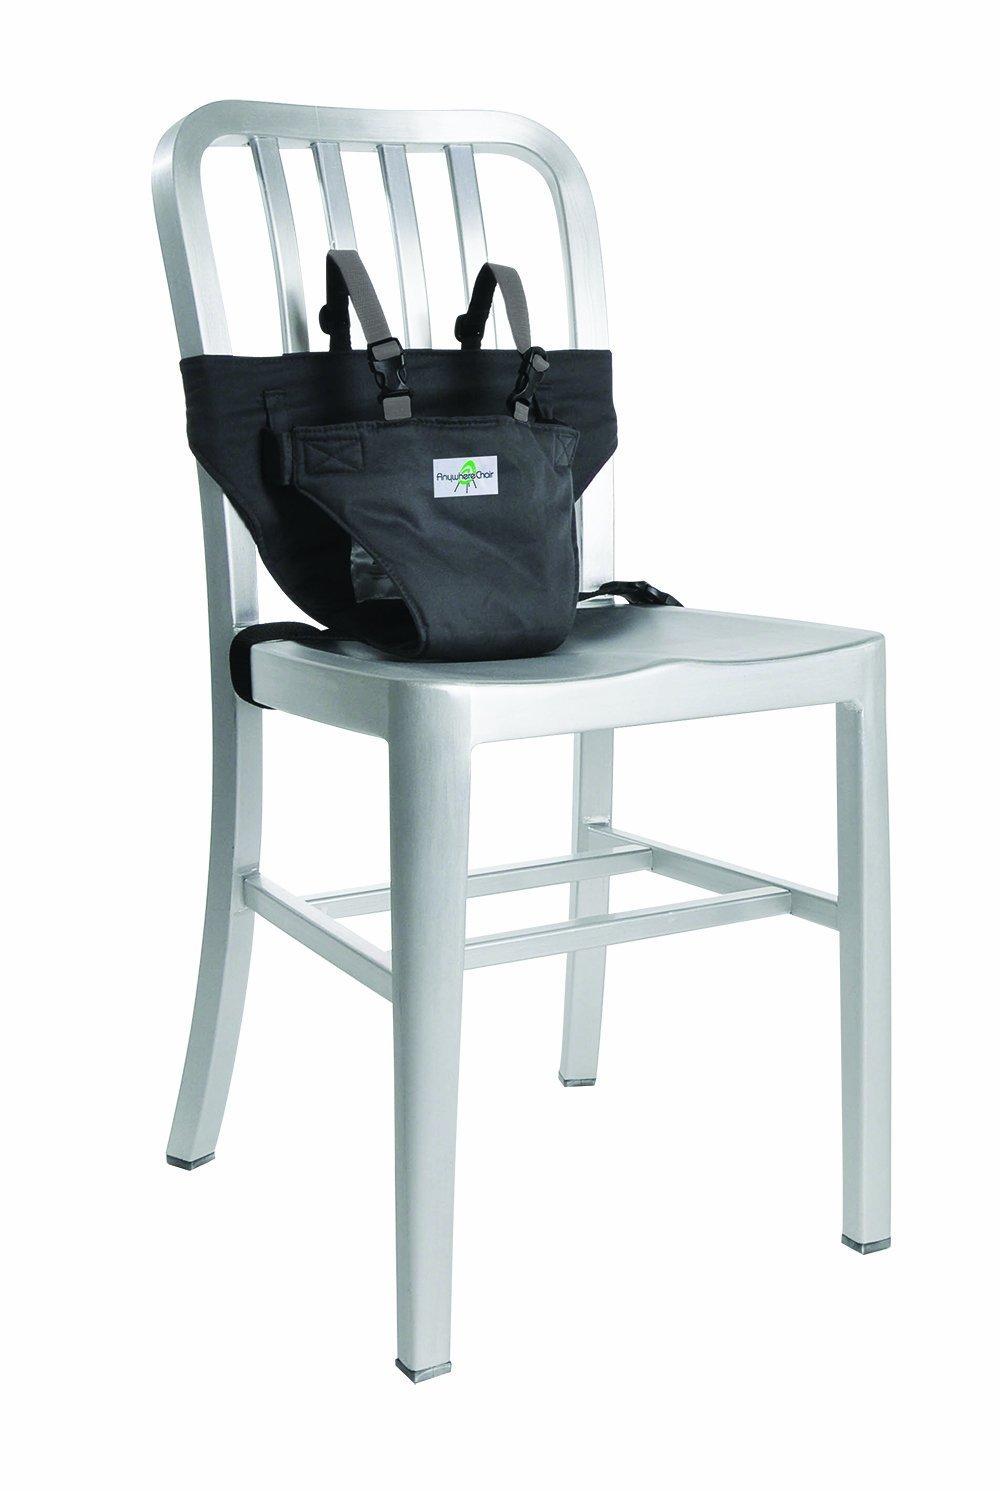 BambinOz Anywhere Chair Travel High Chair BAMAC02